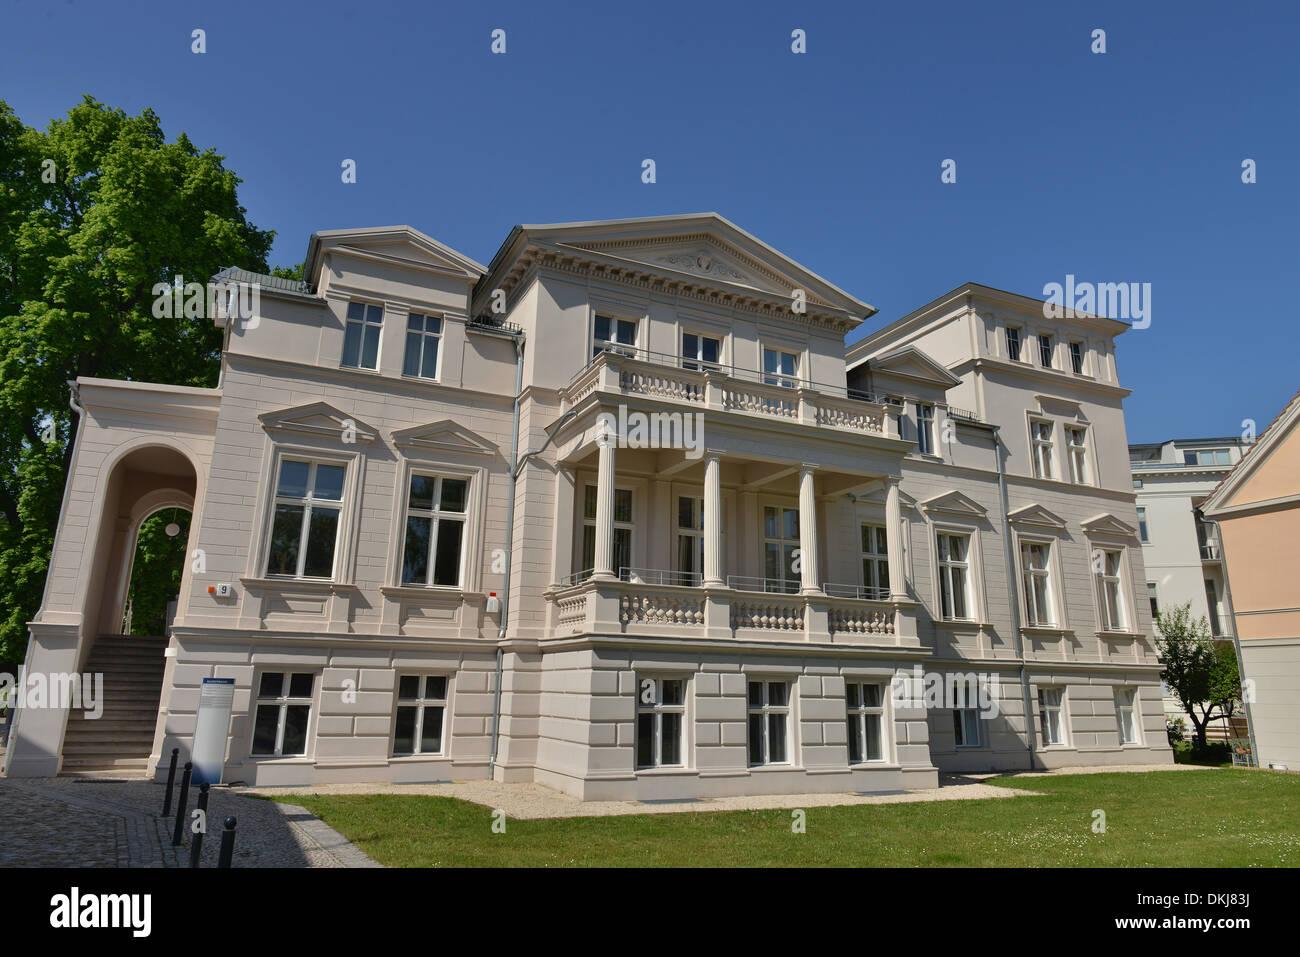 Regine-Hildebrandt-Haus, SPD-Zentrale, Alleestrasse, Potsdam, Brandenburg, Deutschland - Stock Image